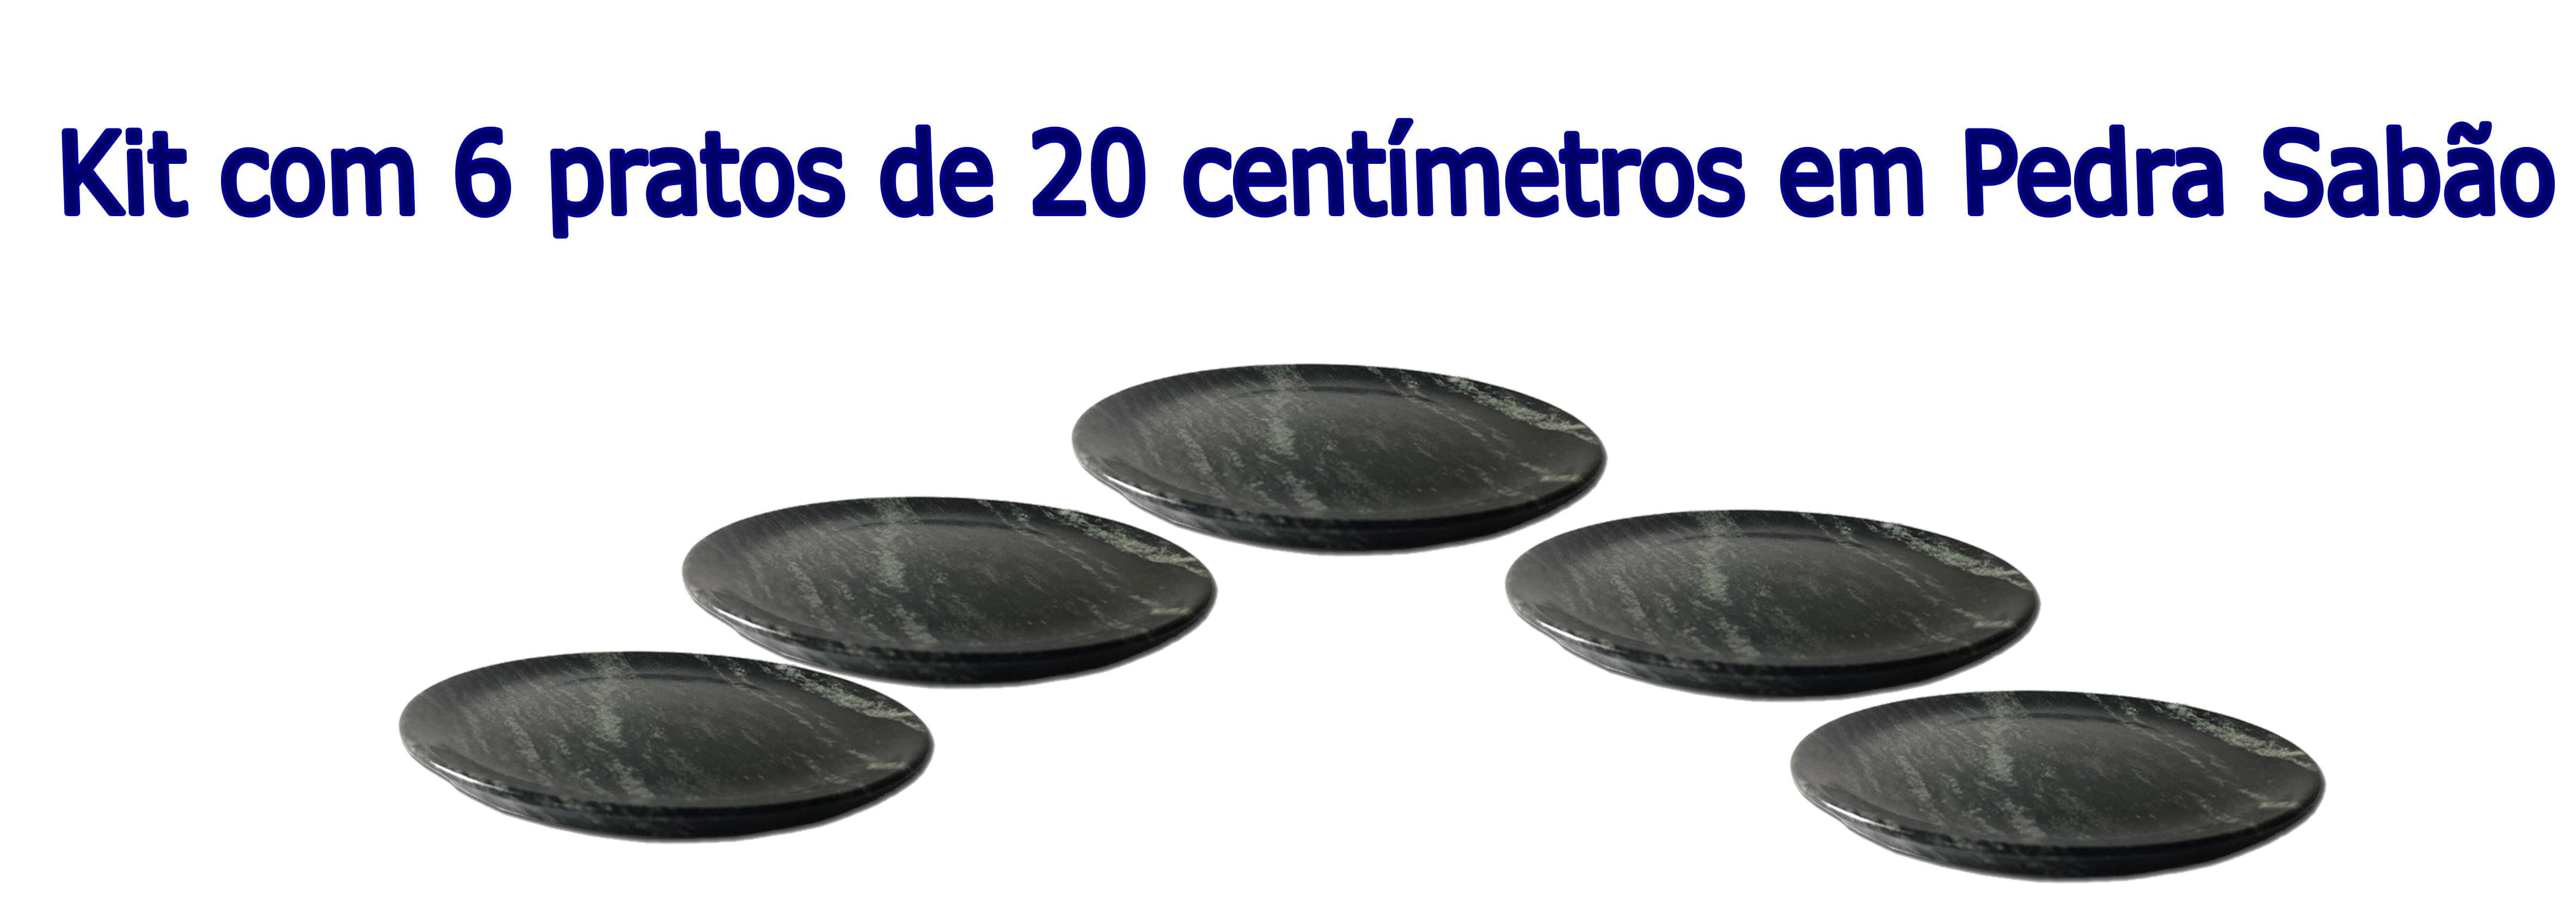 Prato em pedra sabão 20 centimetros de diametro